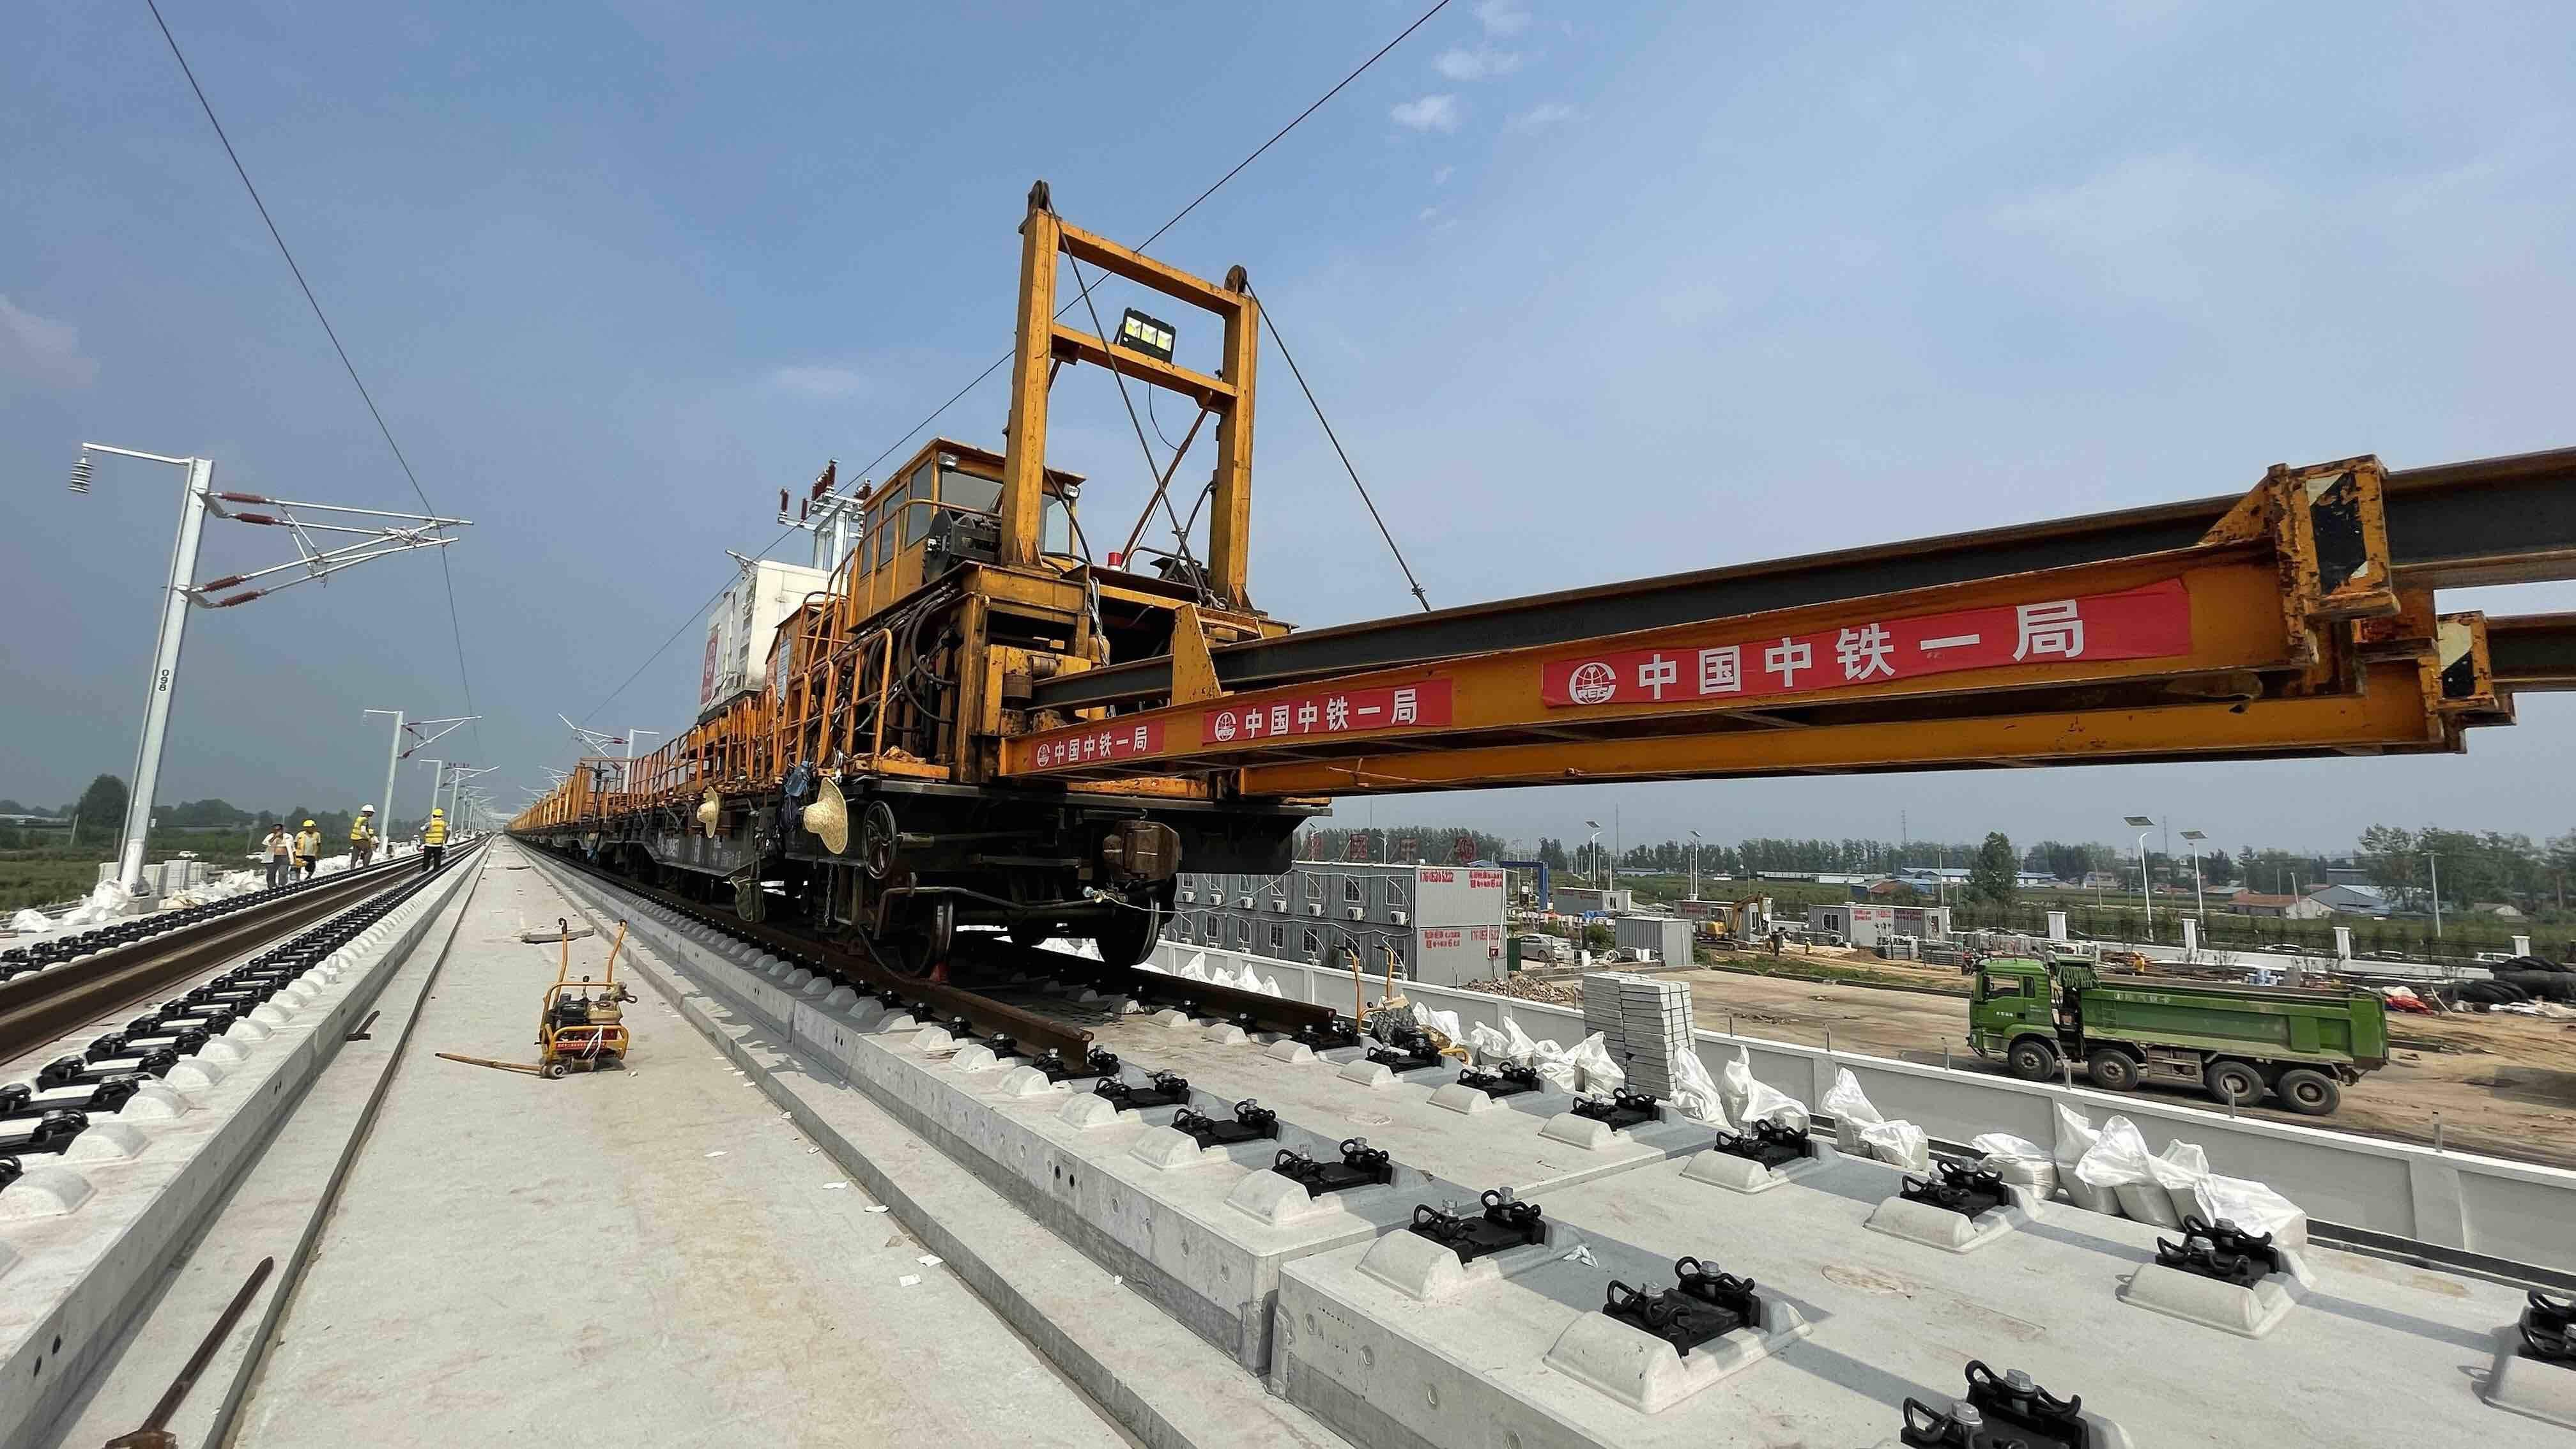 距通车又近一步!鲁南高铁曲阜至菏泽至庄寨段钢轨铺设完成